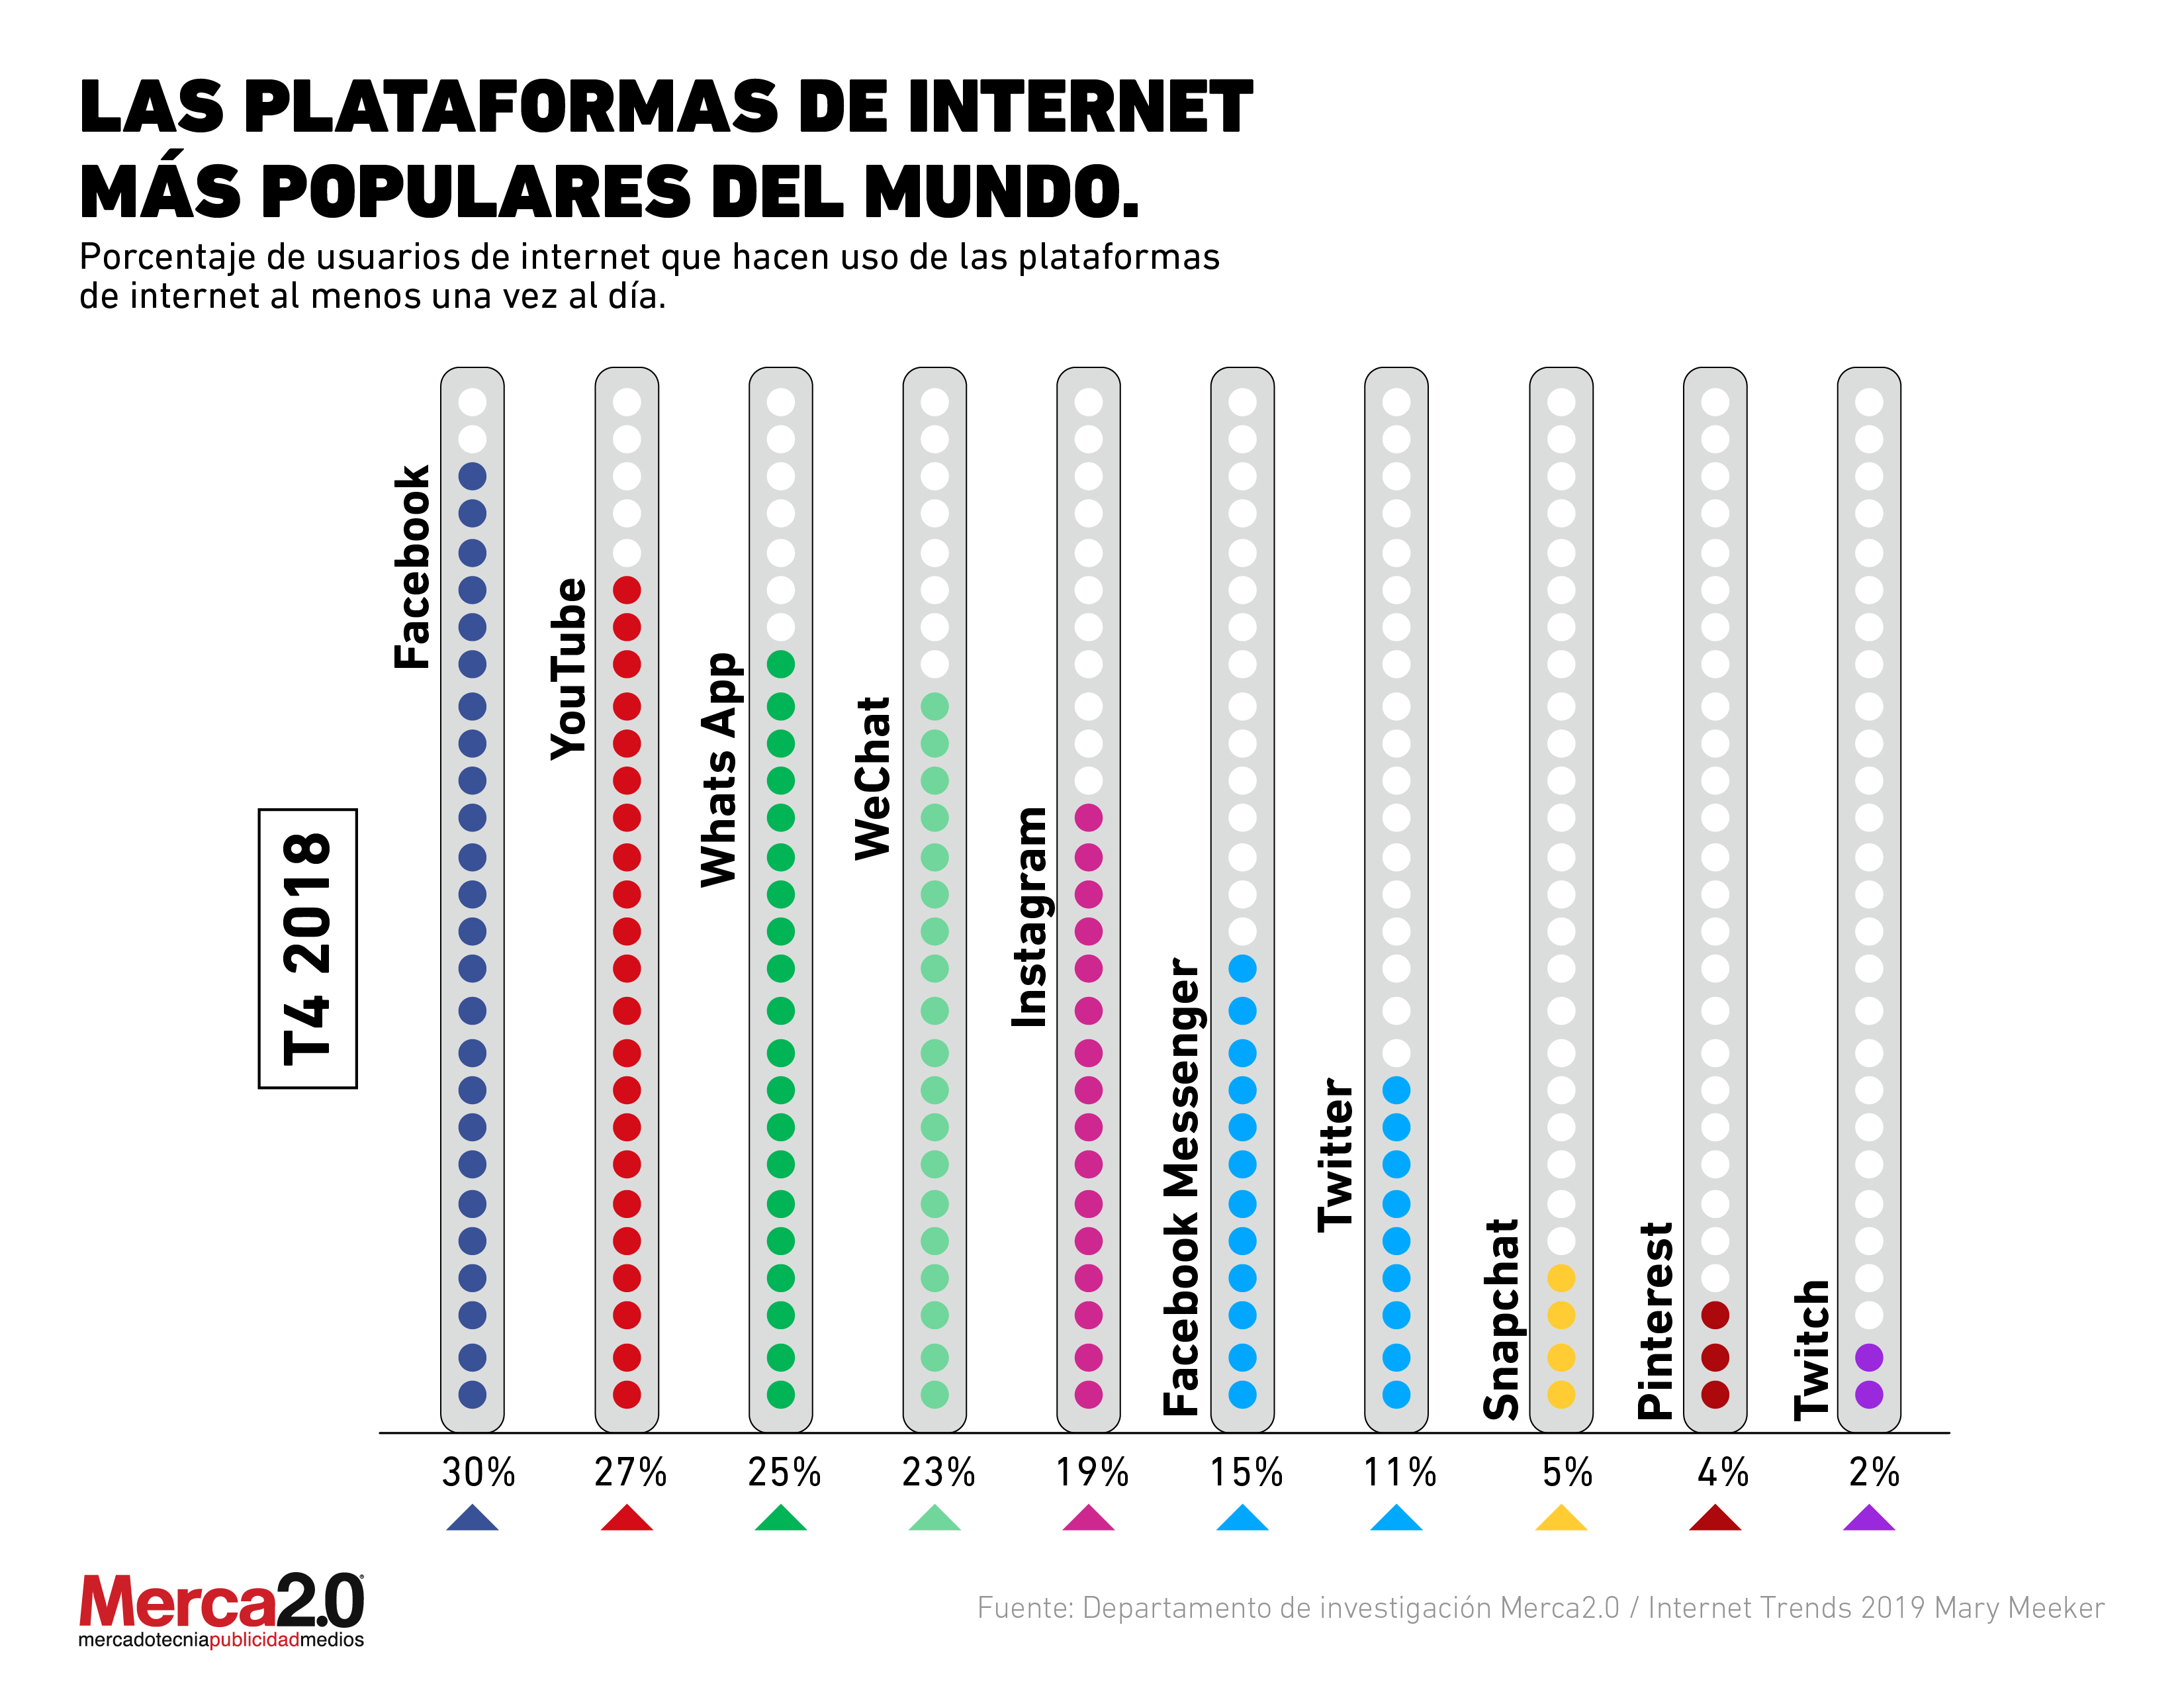 ¿Qué plataformas de internet son las más populares entre los usuarios?